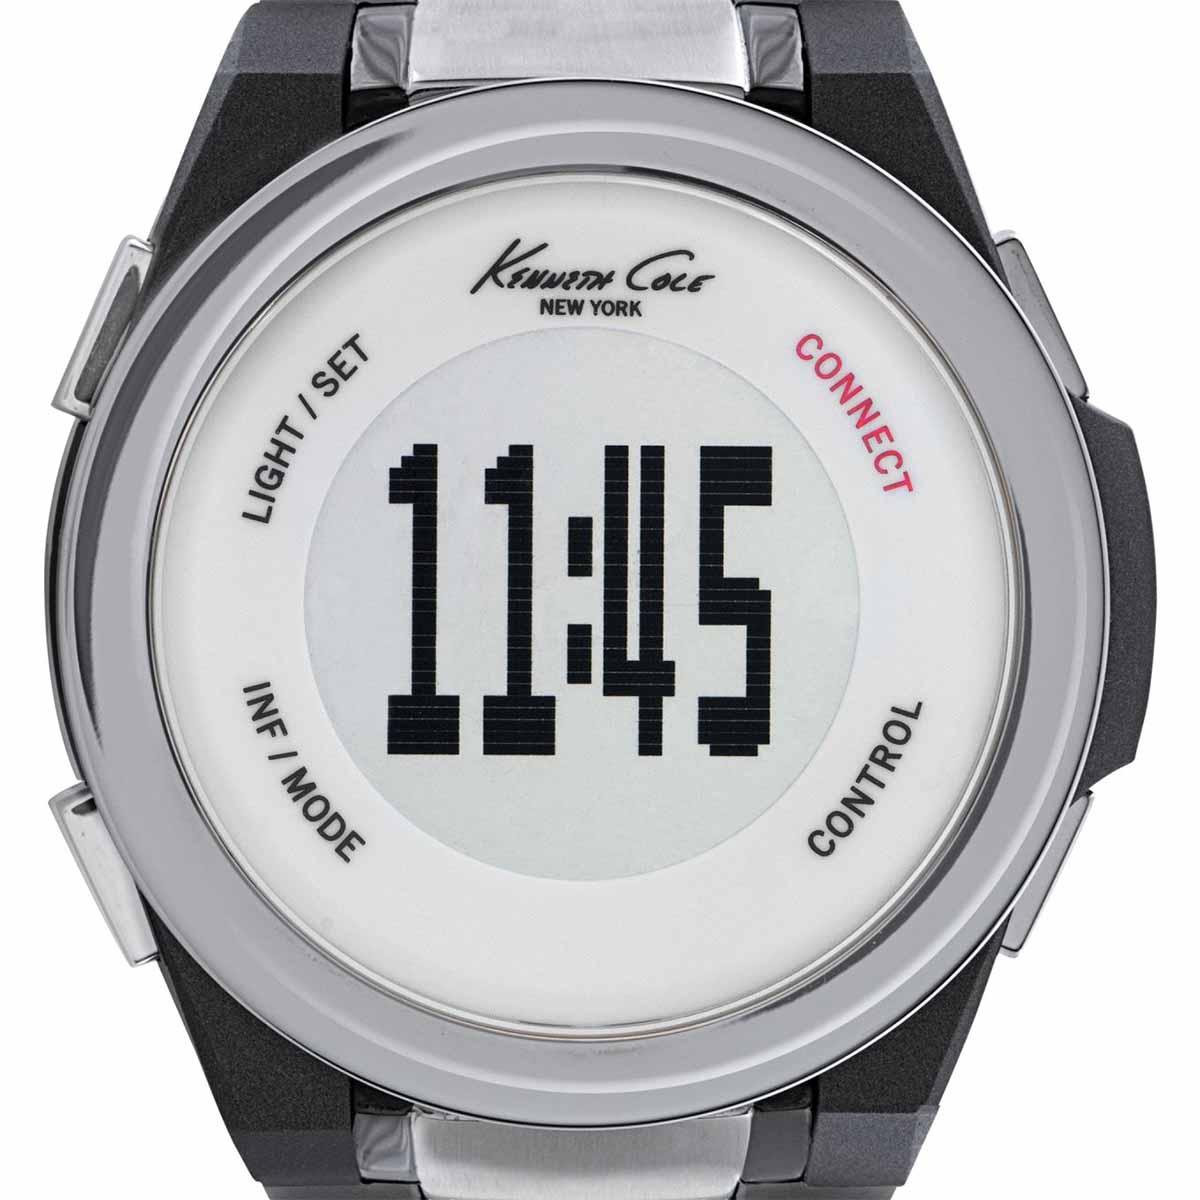 【残り1点】Kenneth Cole ケネスコール クォーツ 腕時計 アメリカ デザイナーズ スマートウォッチ ファッション [KC10023868] 並行輸入品 純正ケース メーカー保証